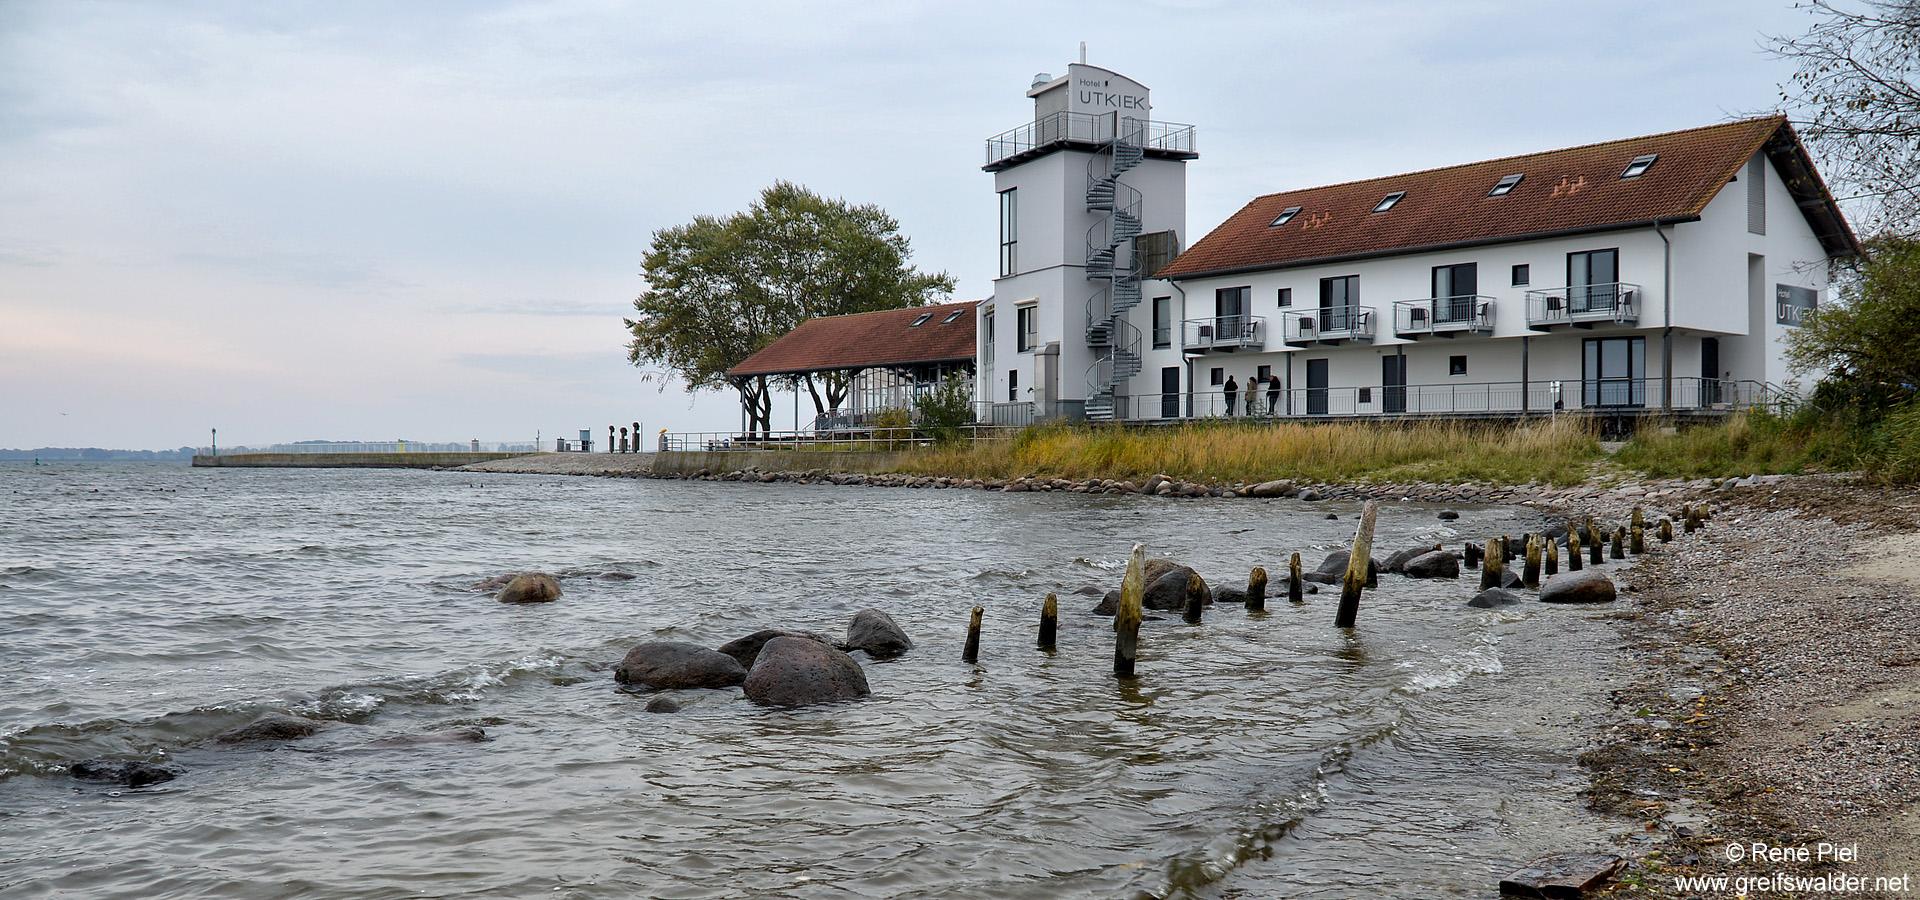 Am Utkiek in Greifswald-Wieck